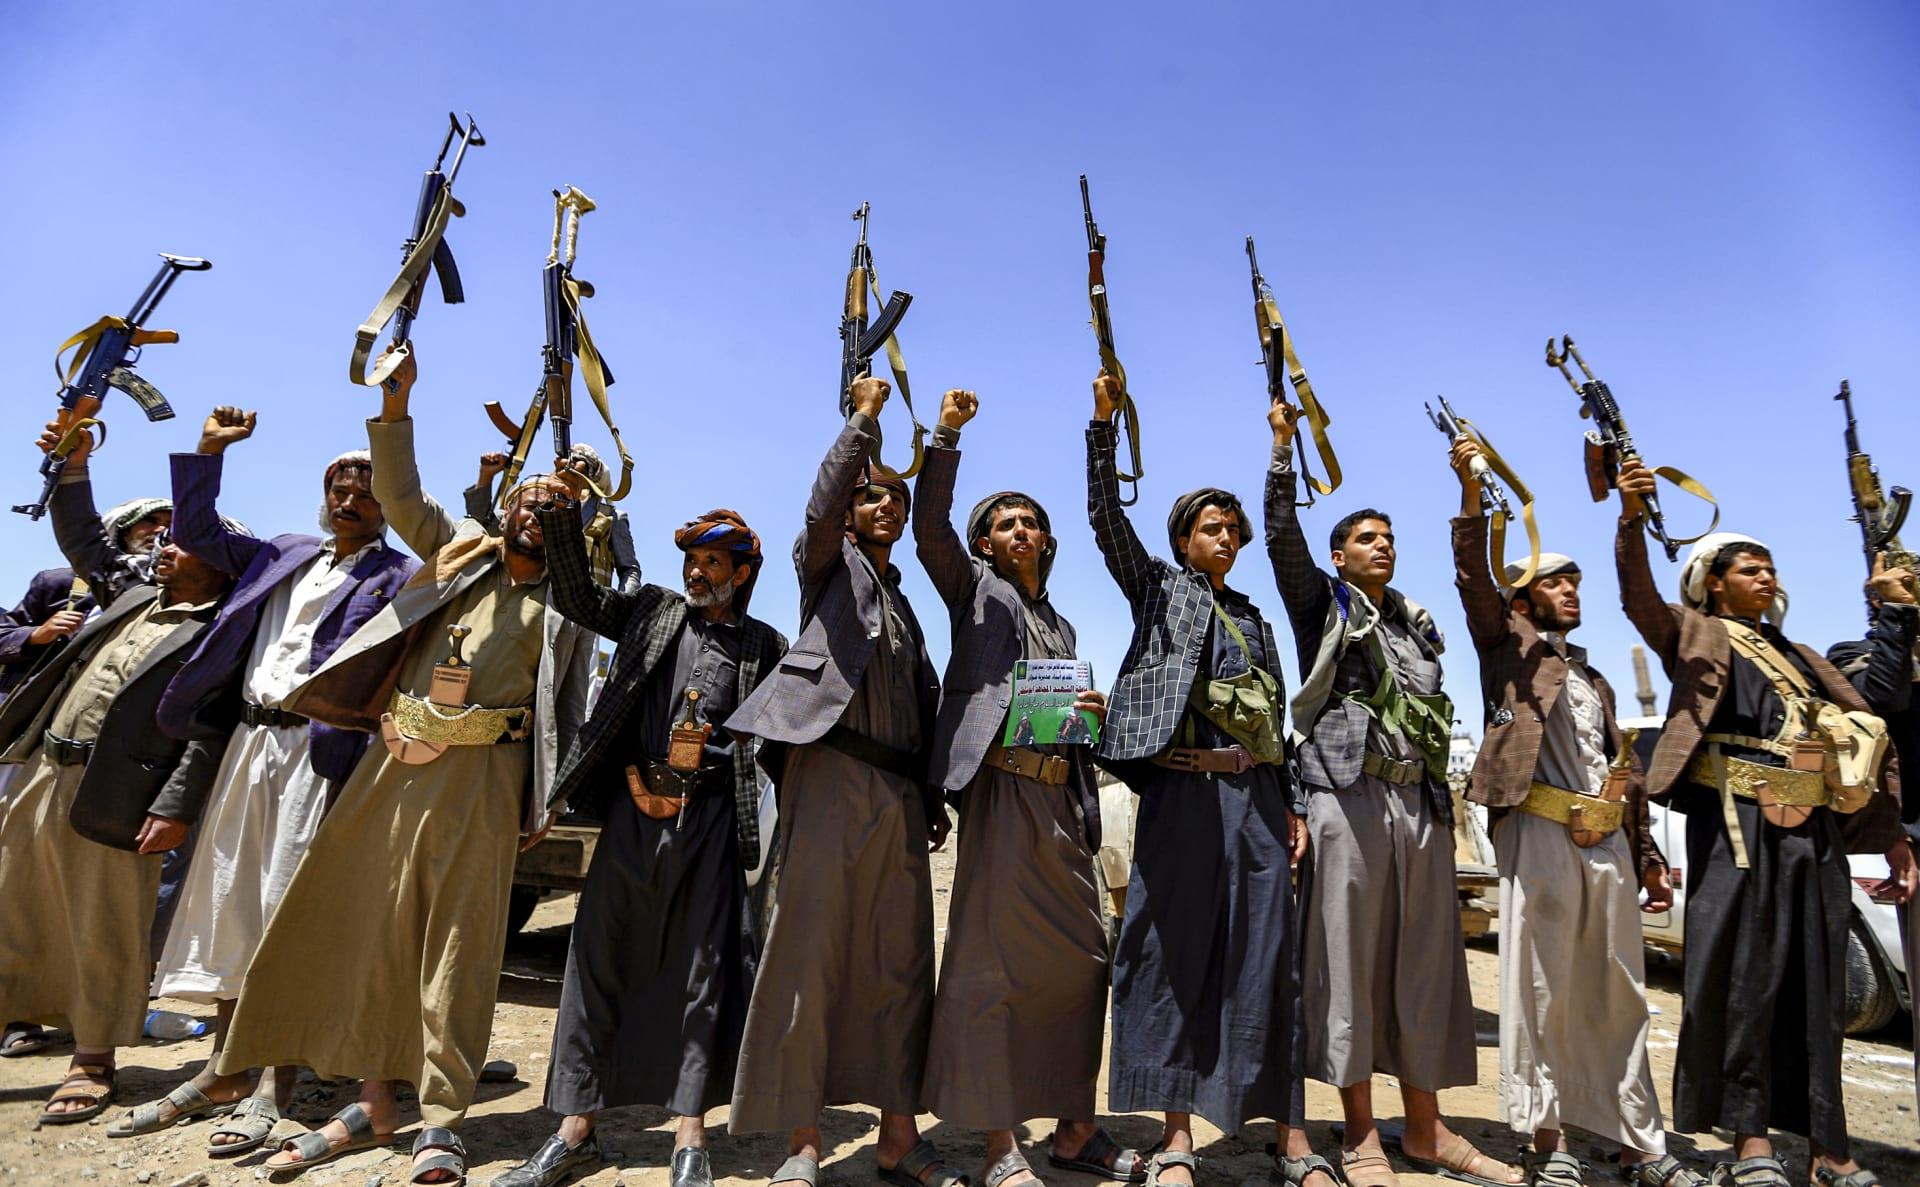 """من طرف واحد.. الحوثيون: سنطلق سراح 350 من """"أسرى التحالف"""" اليوم بالتنسيق مع الأمم المتحدة"""